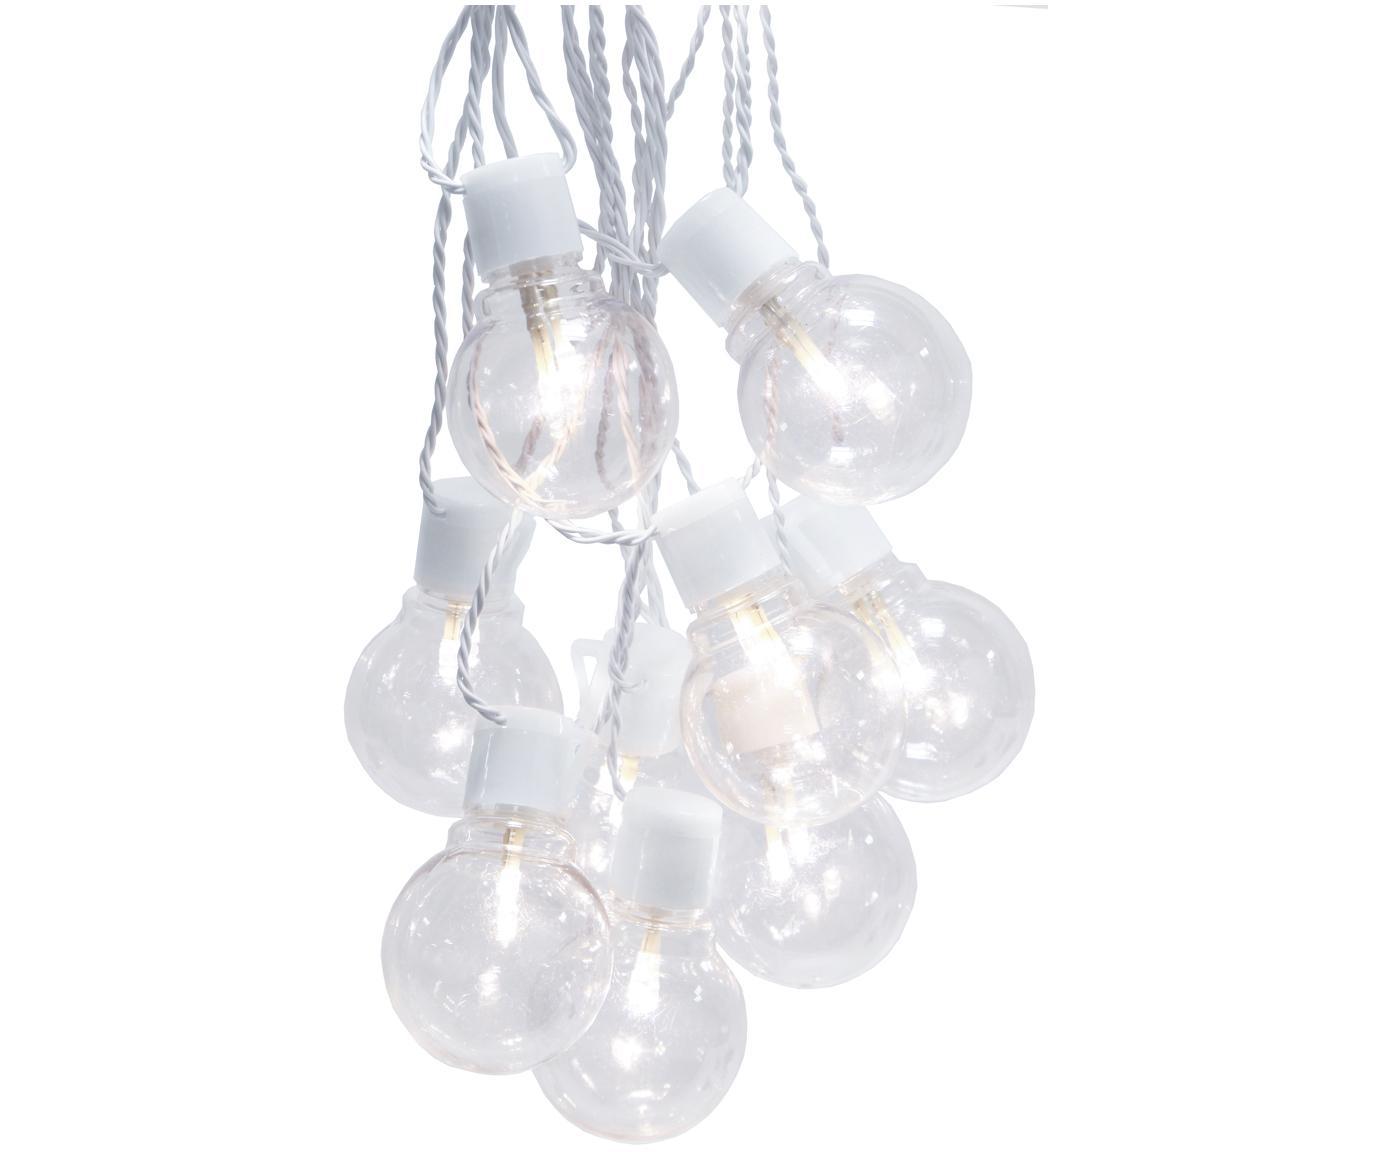 Girlanda świetlna LED Partaj, 950 cm, Biały, D 950 cm